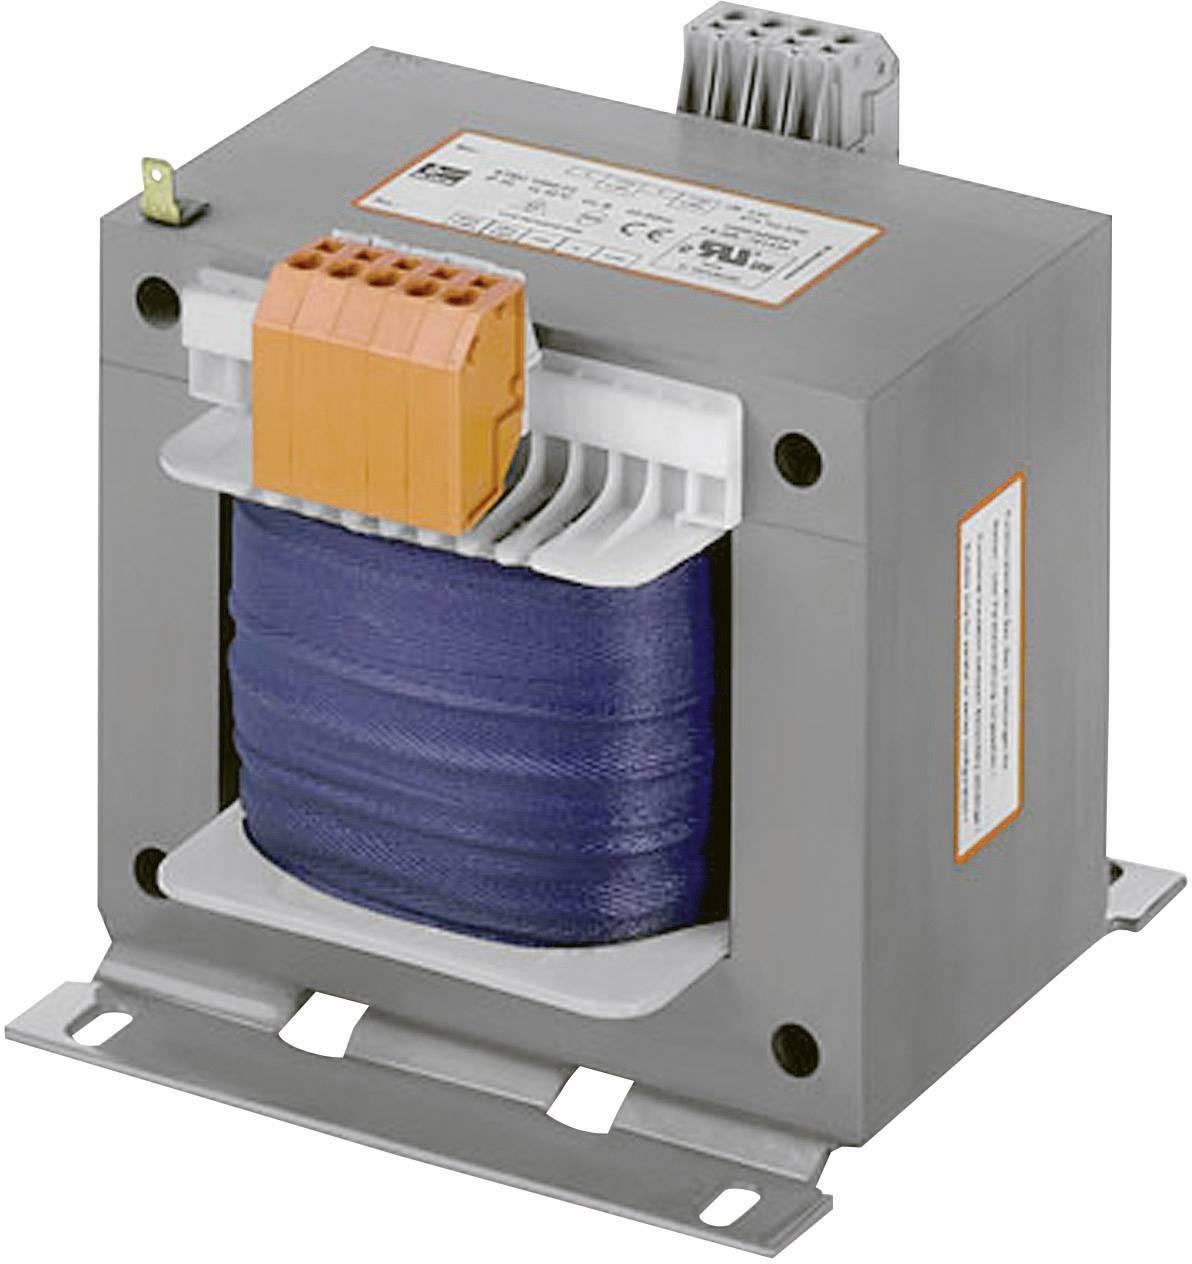 Bezpečnostný transformátor, riadiaci transformátor, izolačný transformátor Block STEU 160/23, 160 VA